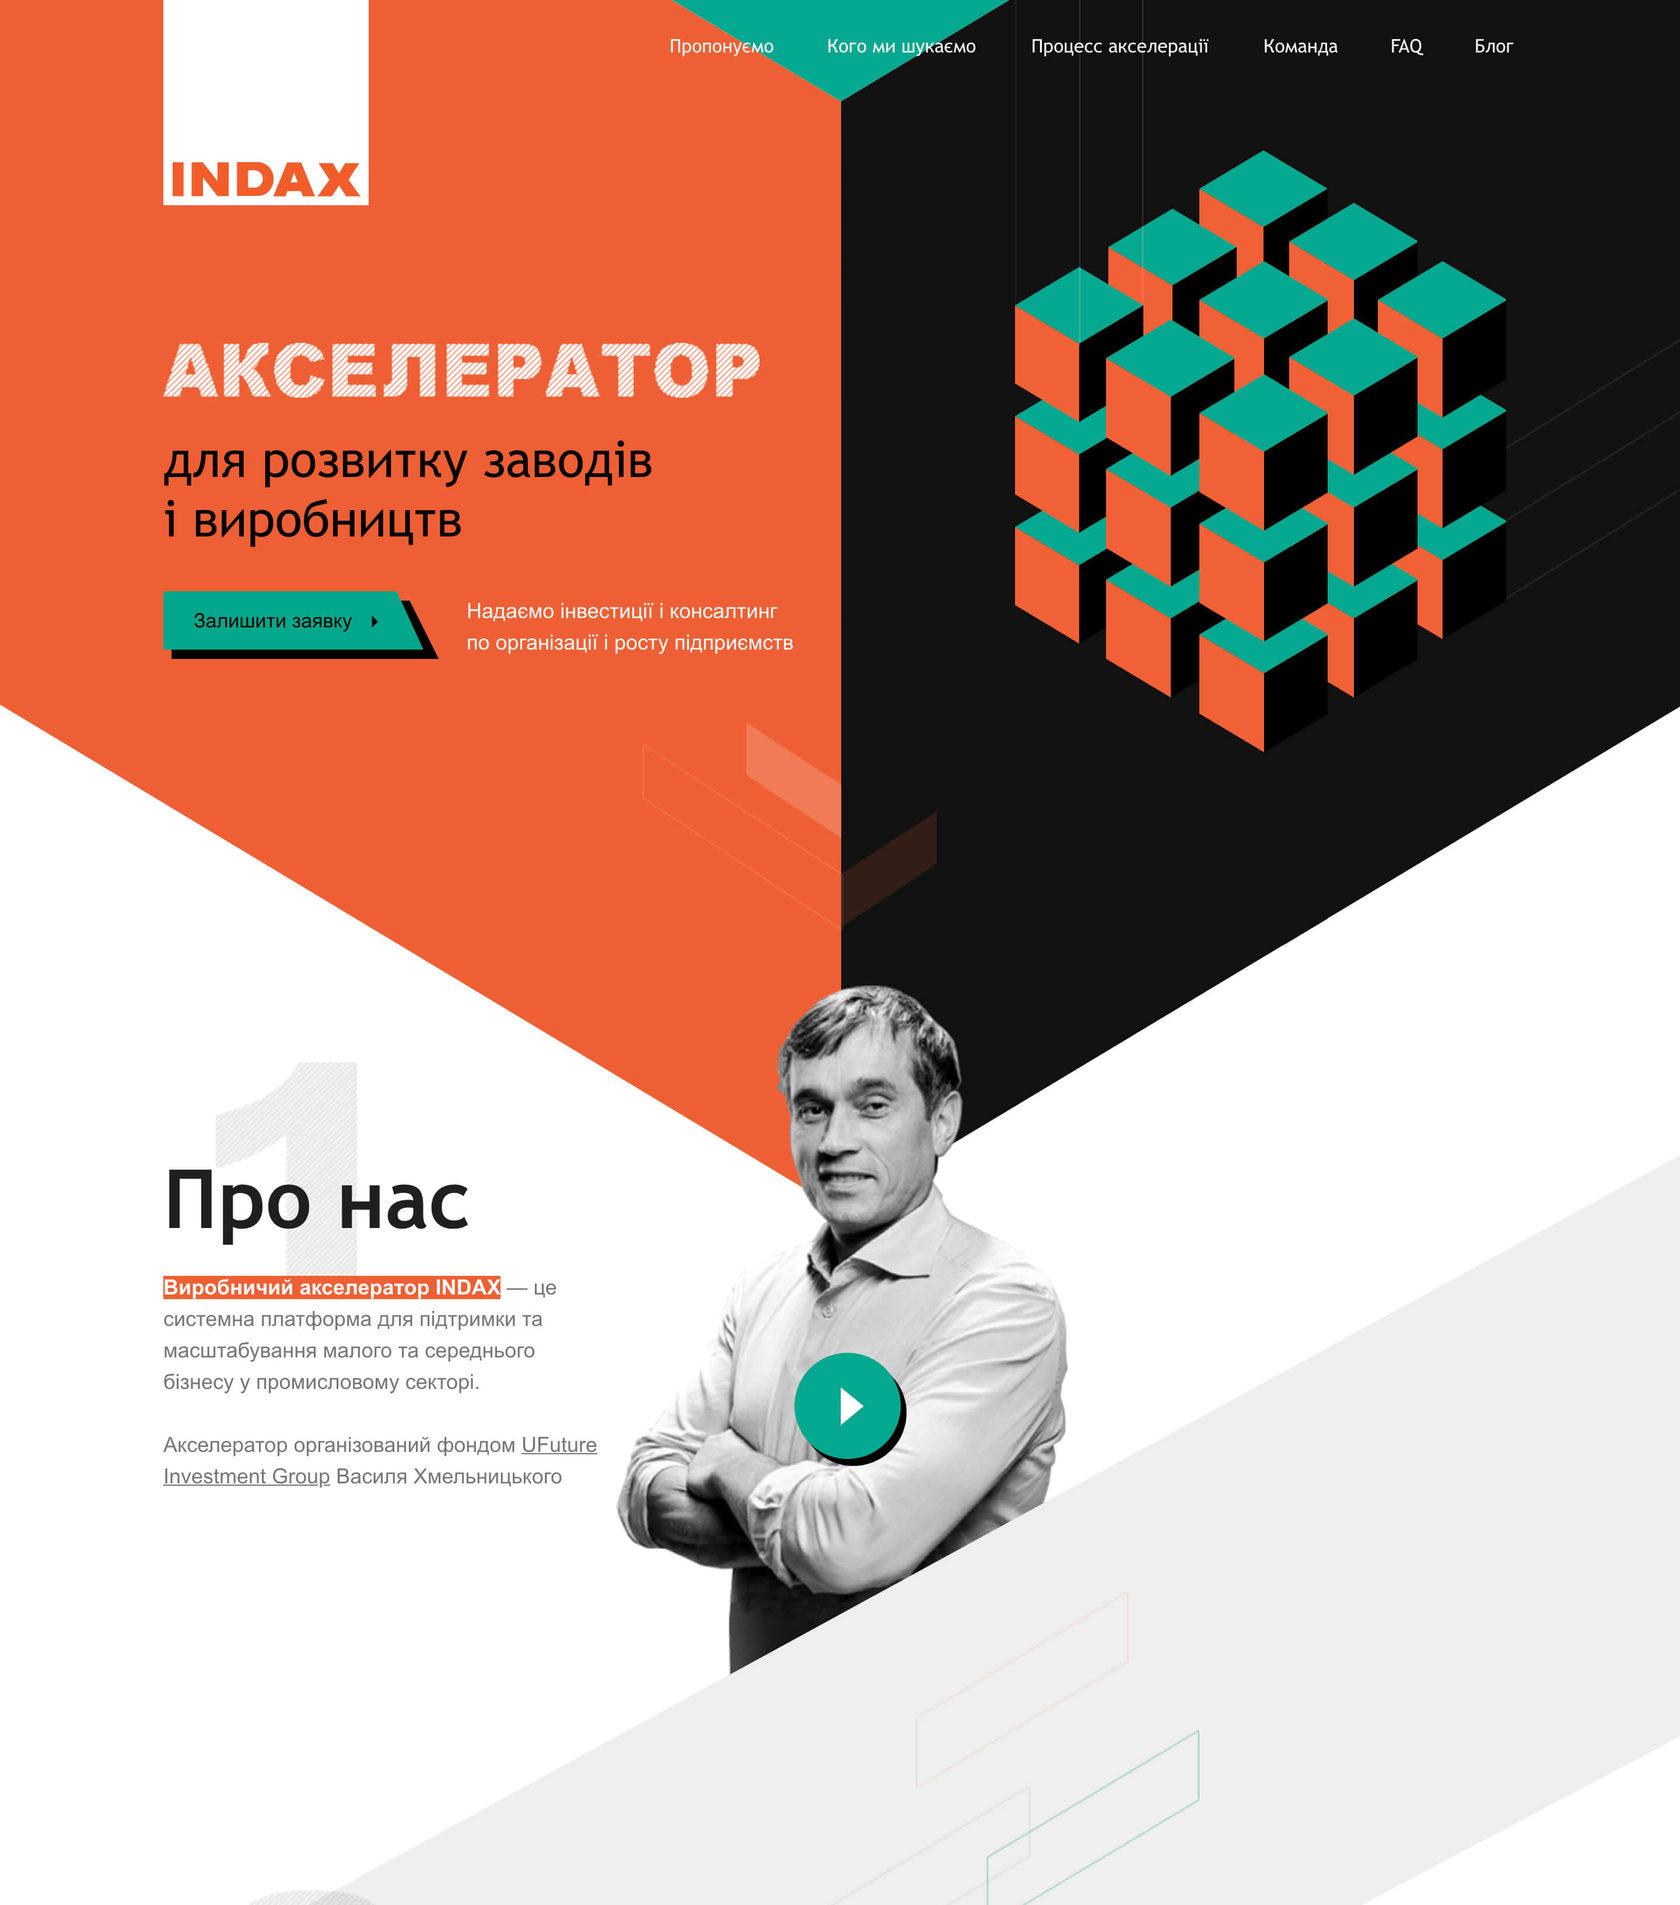 создание сайта и запуск рекламы в facebook и instagram клиенту indax